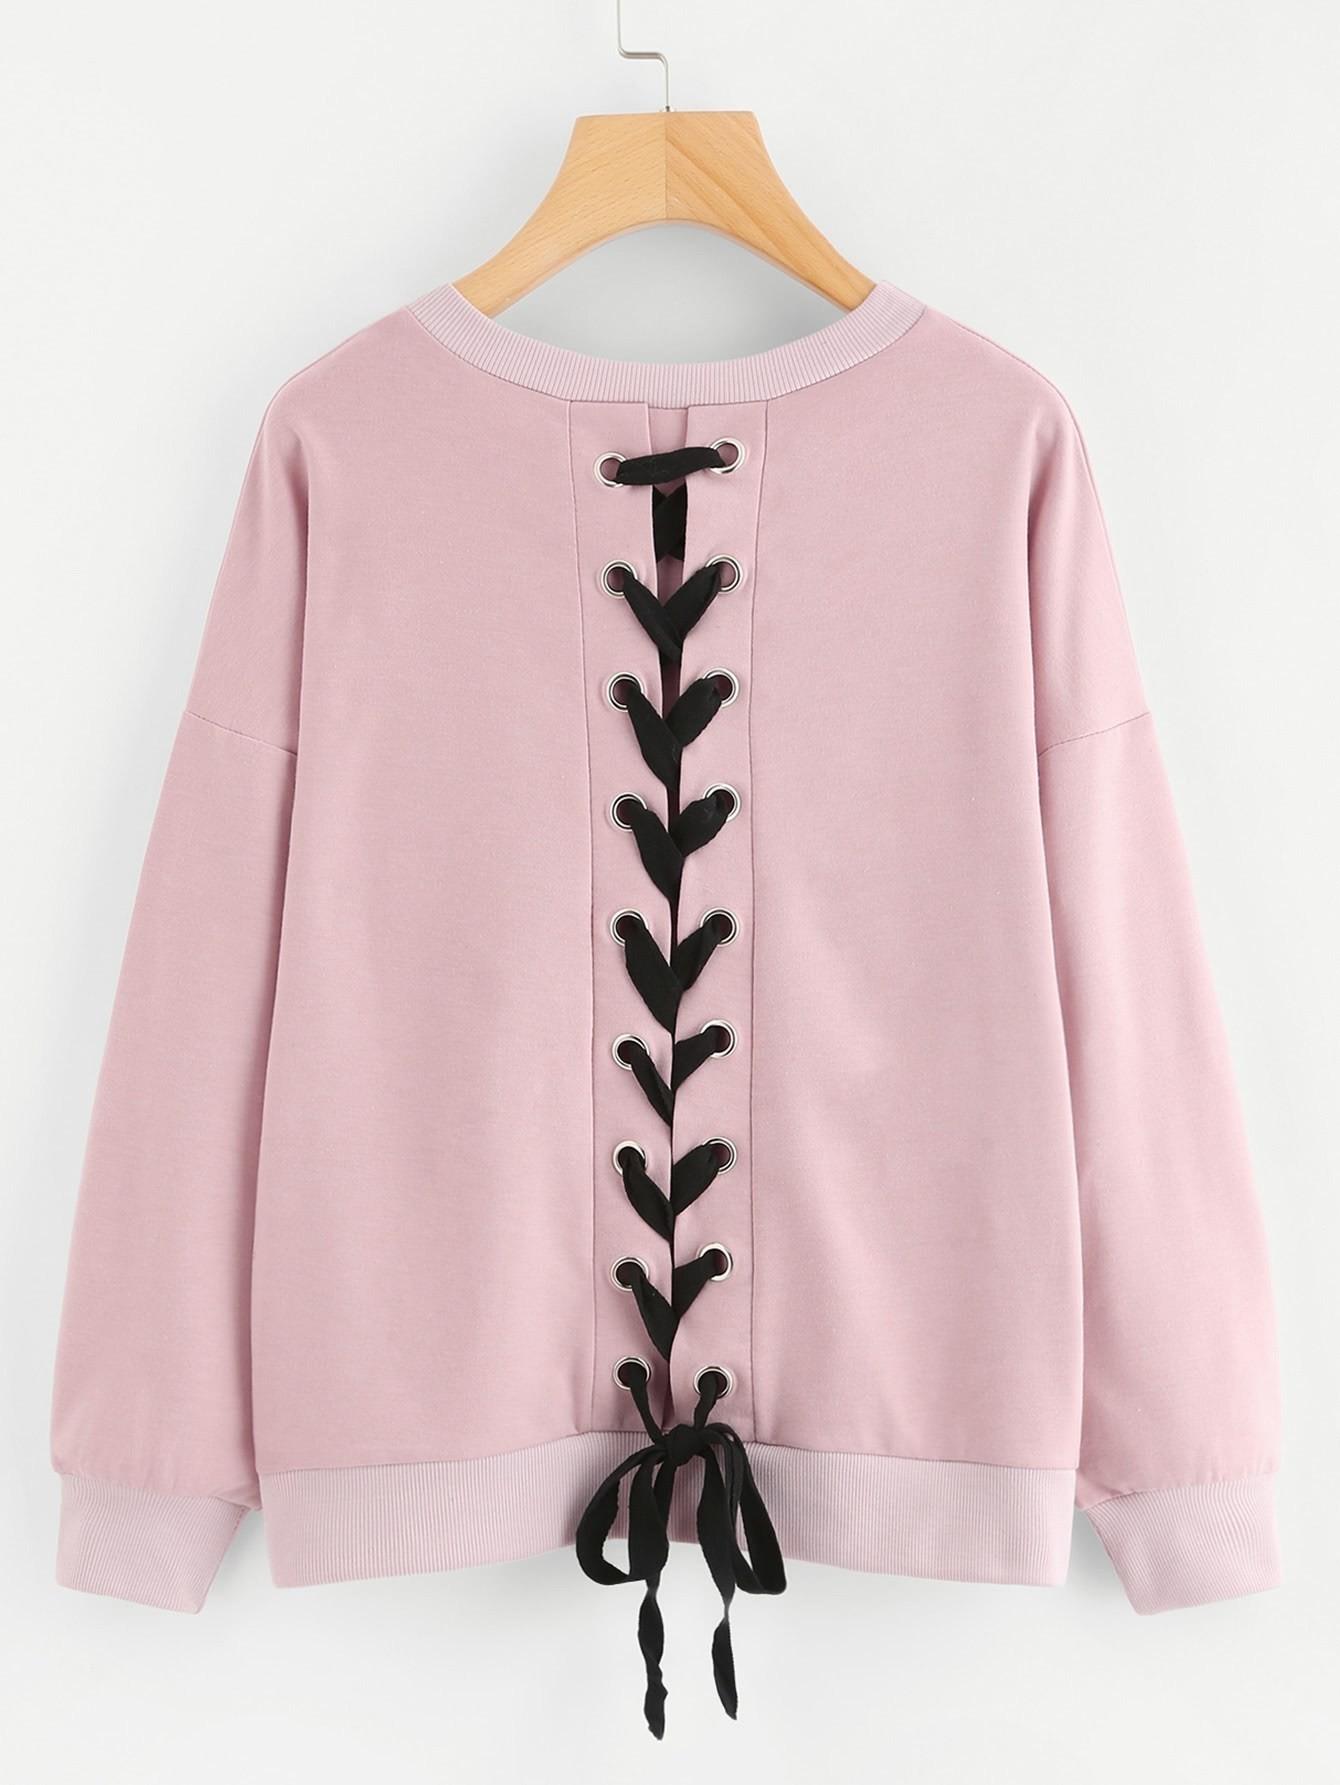 Lace Up Back Sweatshirt